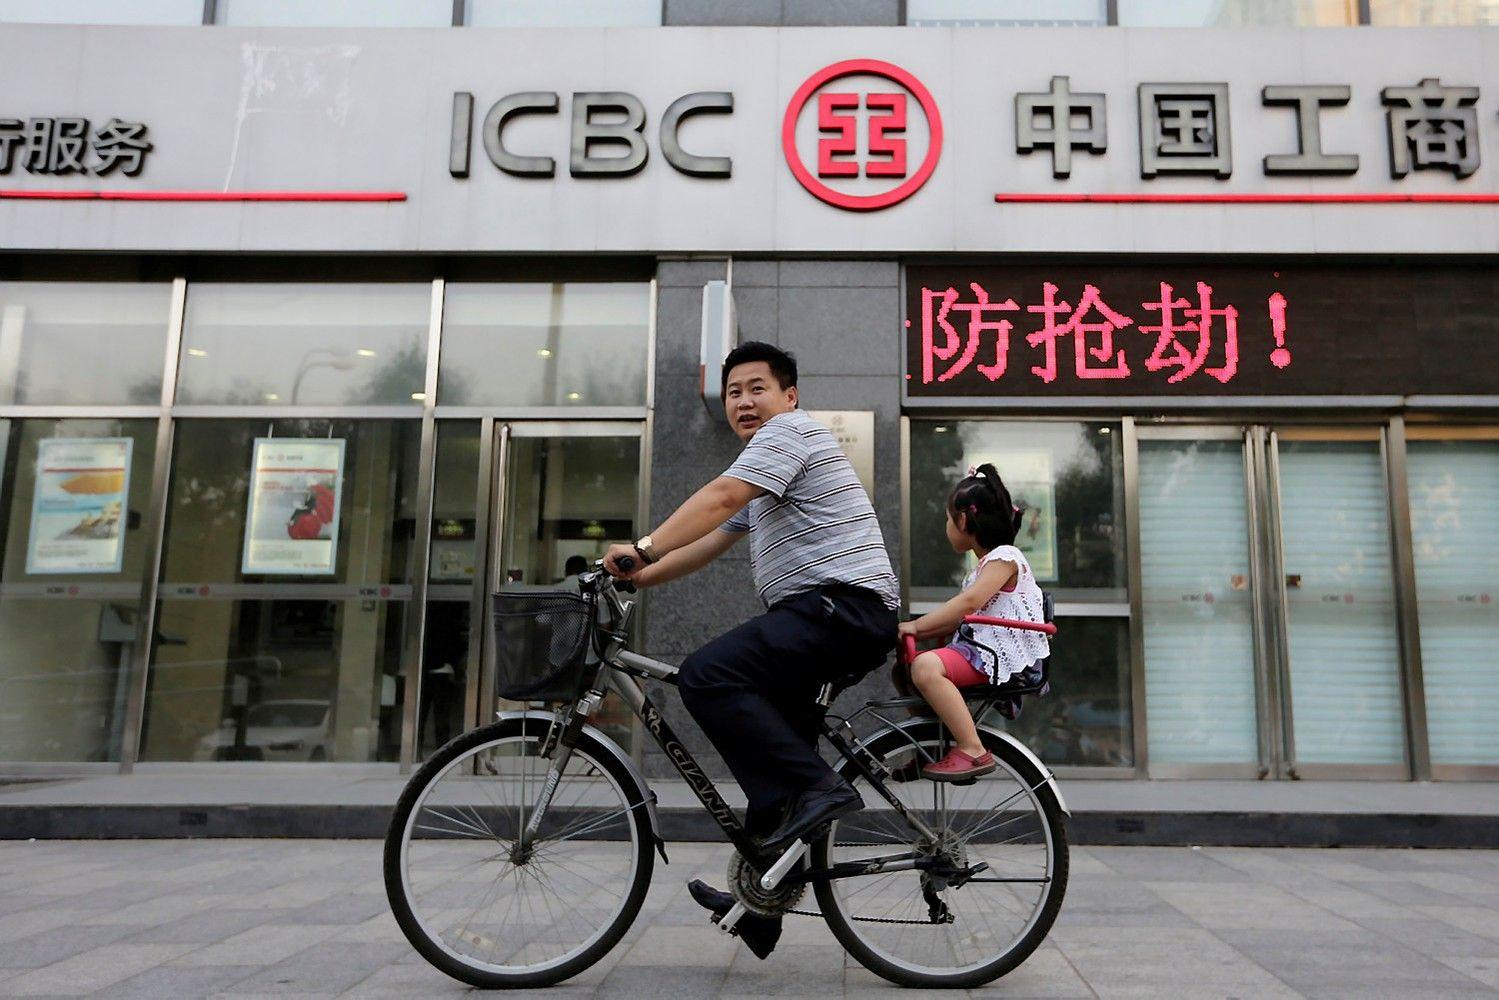 Didžiųjų Kinijos bankų rezultatai viršijo prognozes